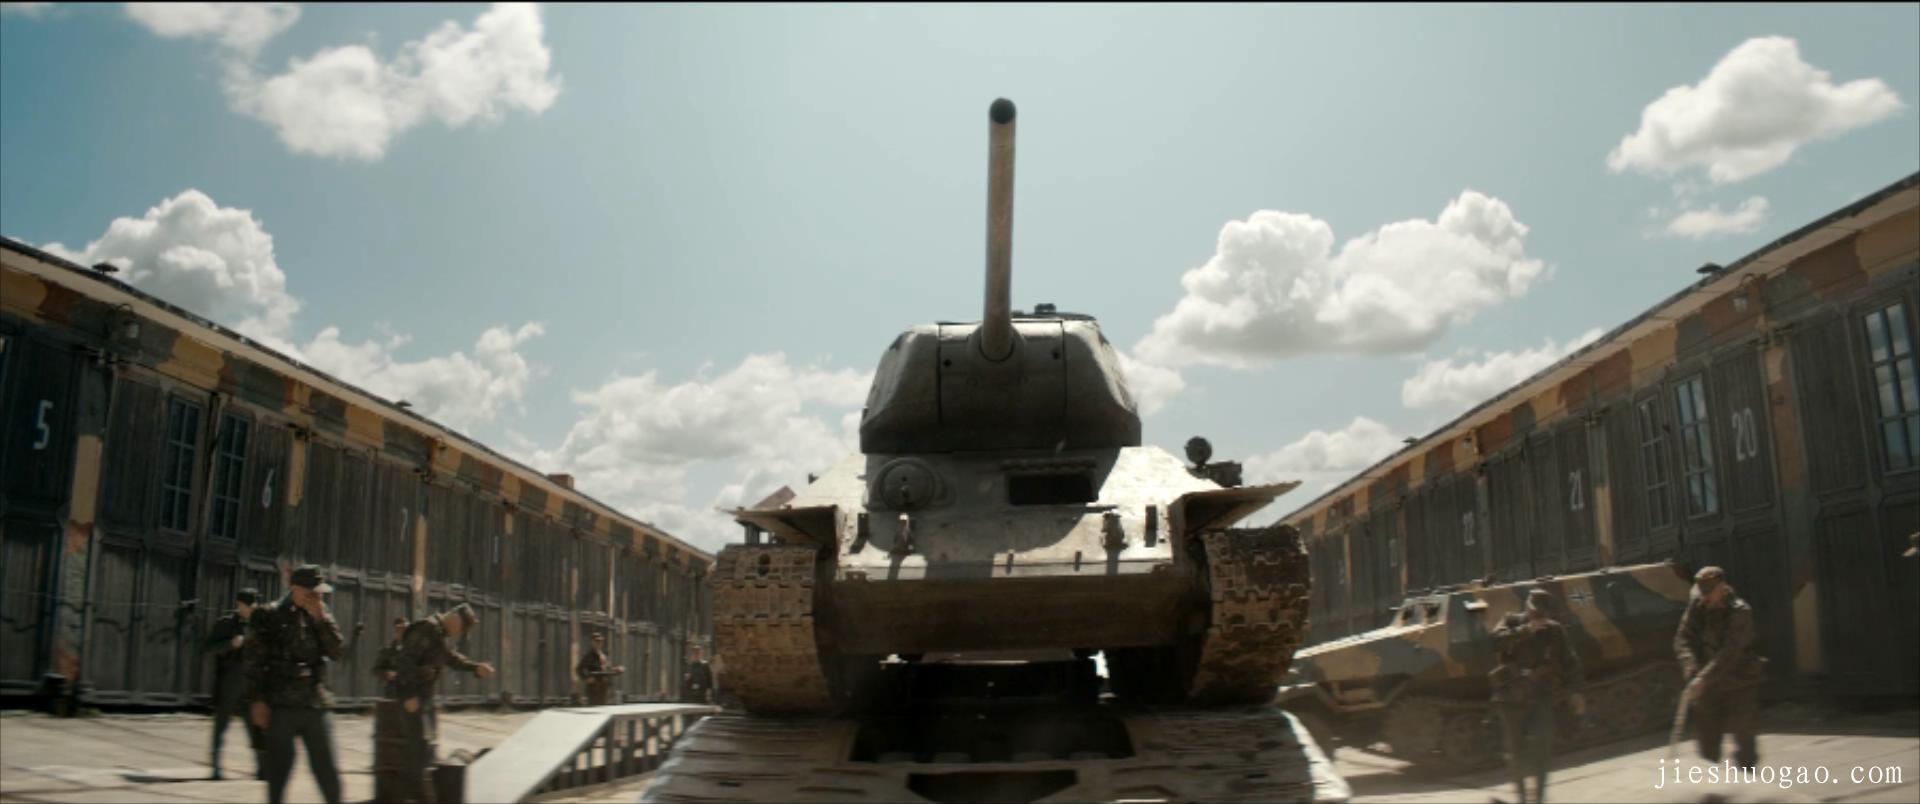 俄罗斯抗战神剧|《猎杀T34》7分钟2496字解说稿-第4张图片